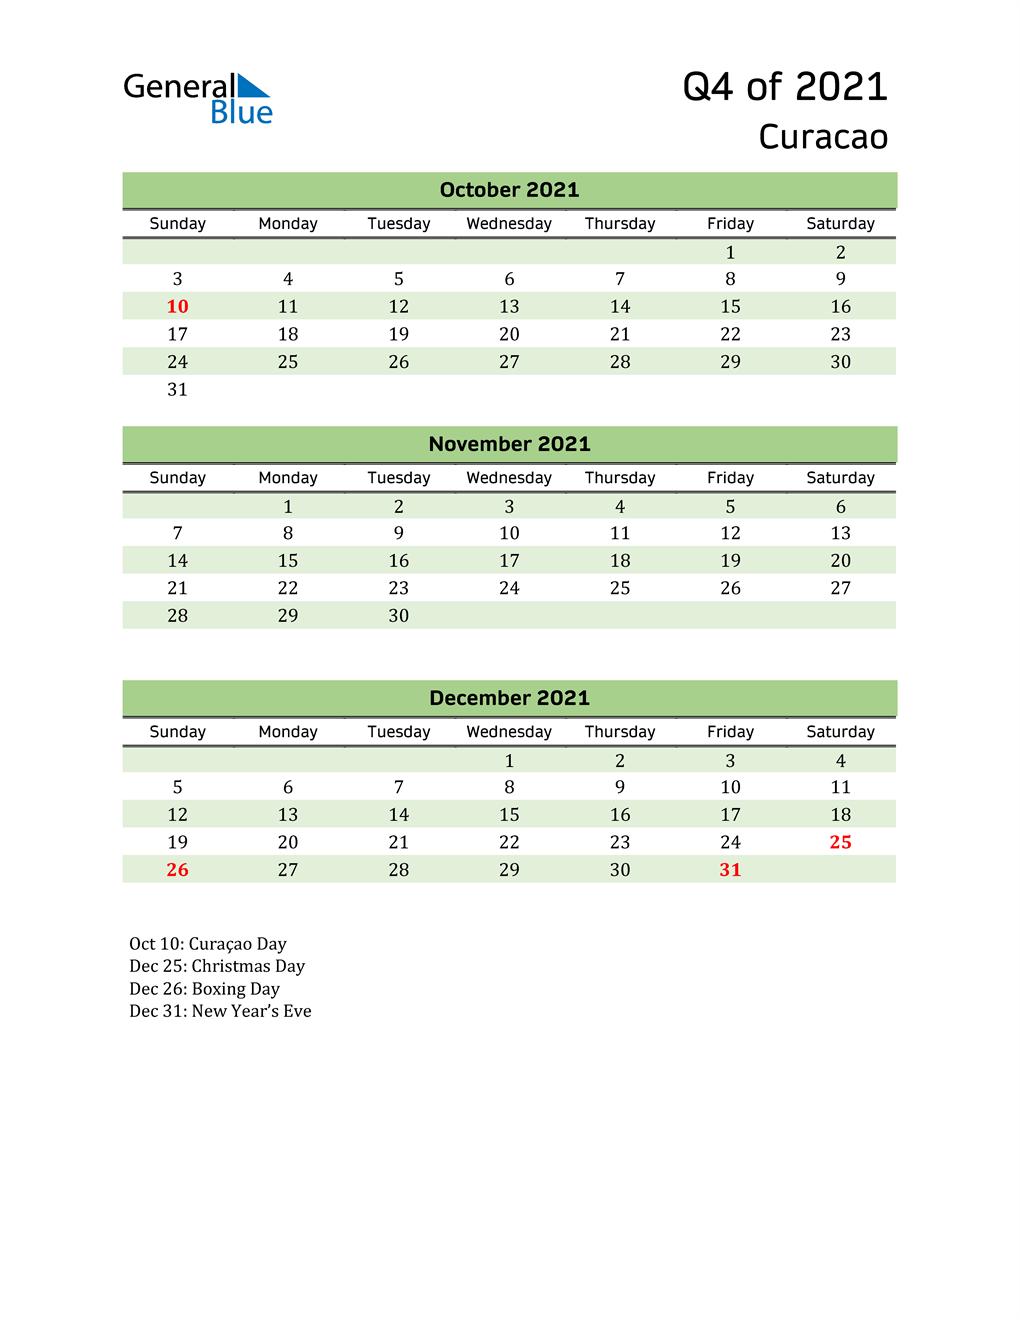 Quarterly Calendar 2021 with Curacao Holidays